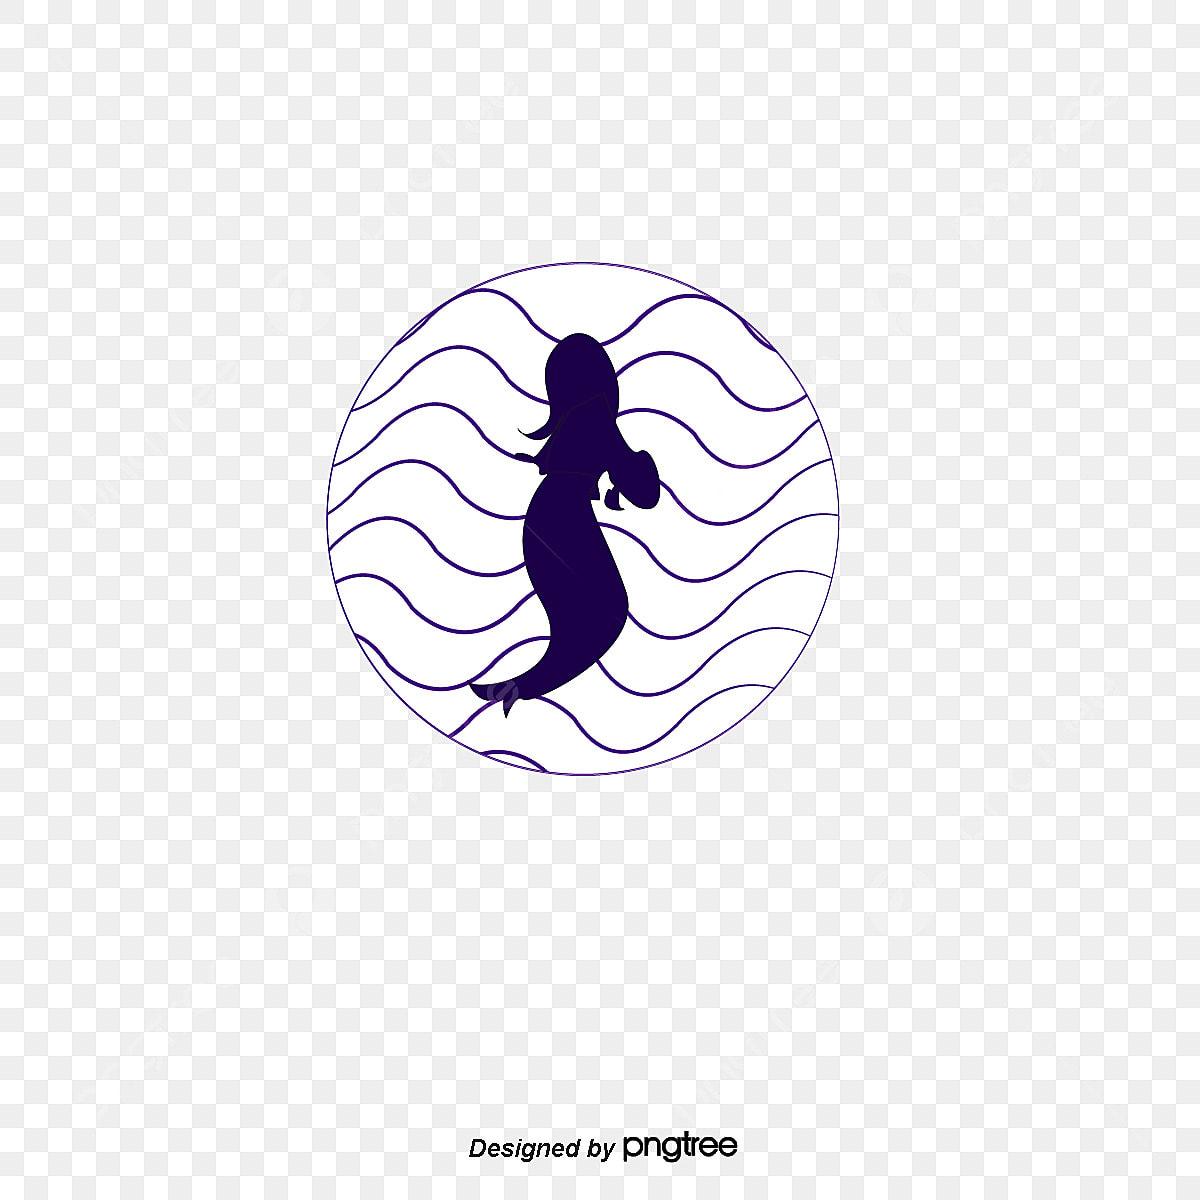 ベクトルマーメイドイラストイラスト 人魚のシルエット 人魚 ベクトル